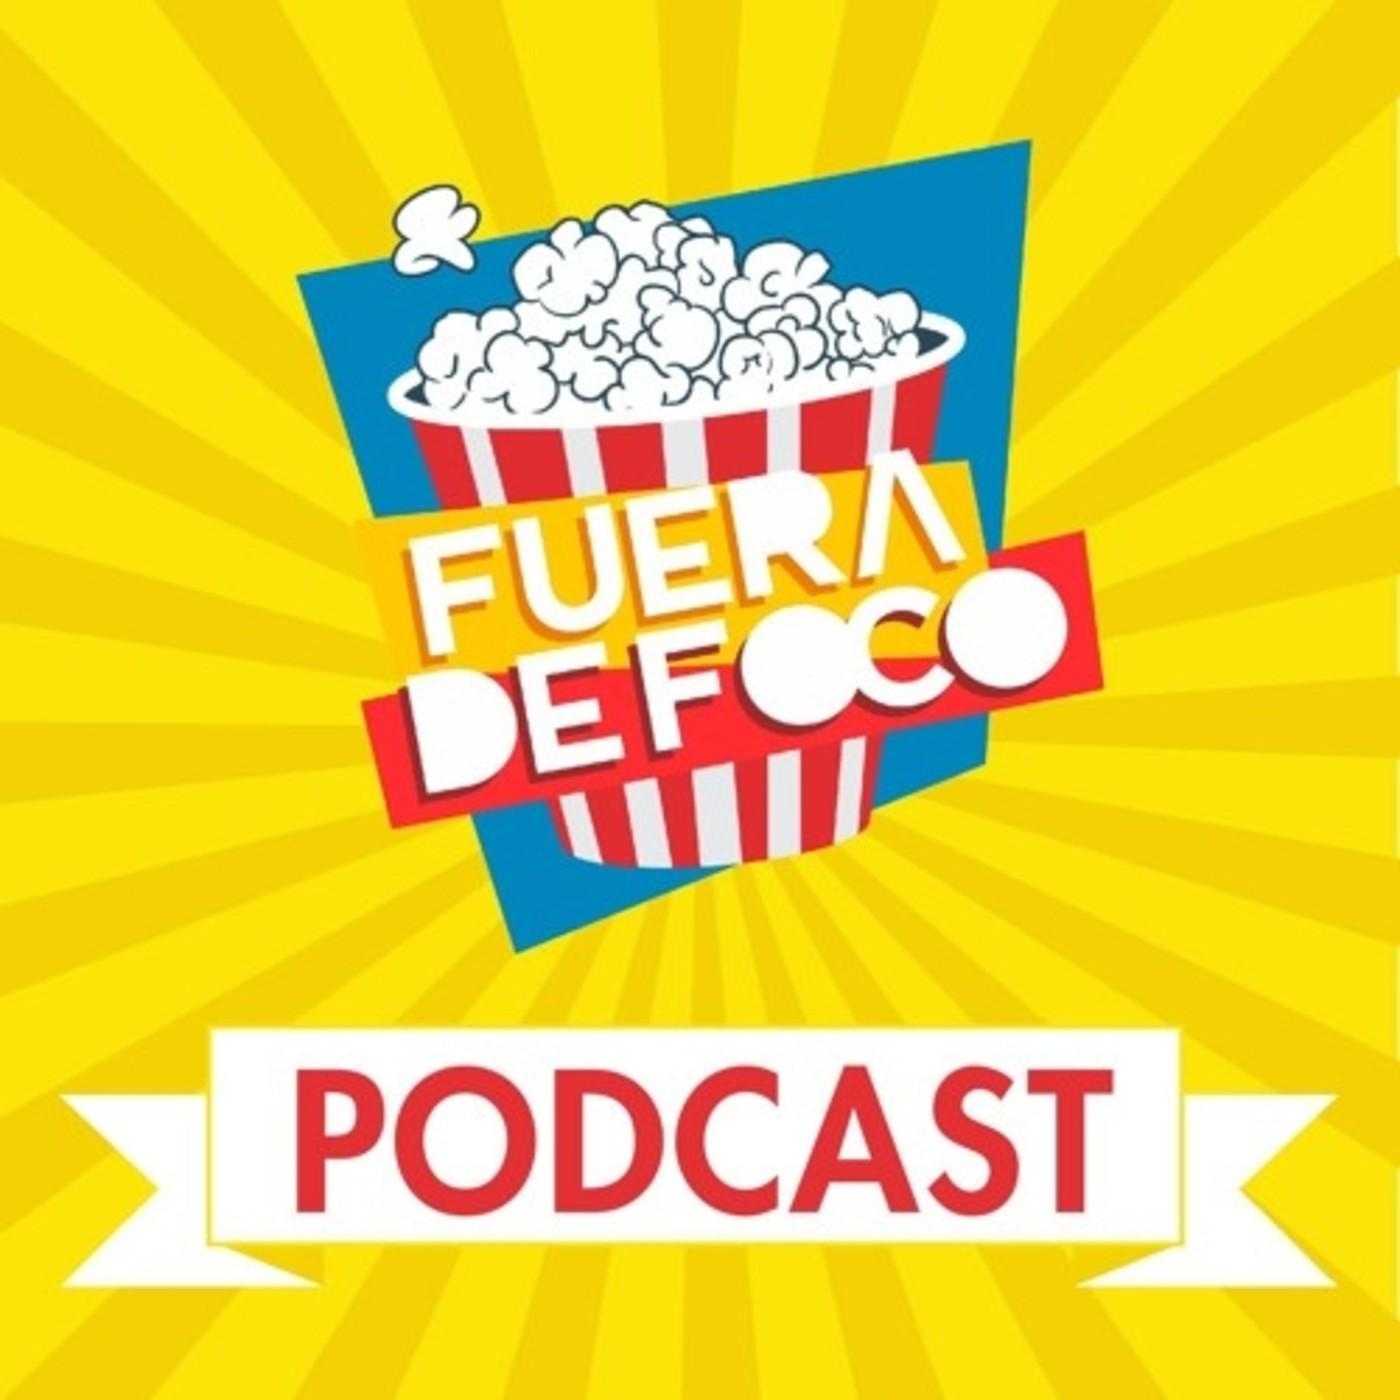 pod fanatic podcast podcast fuera de foco